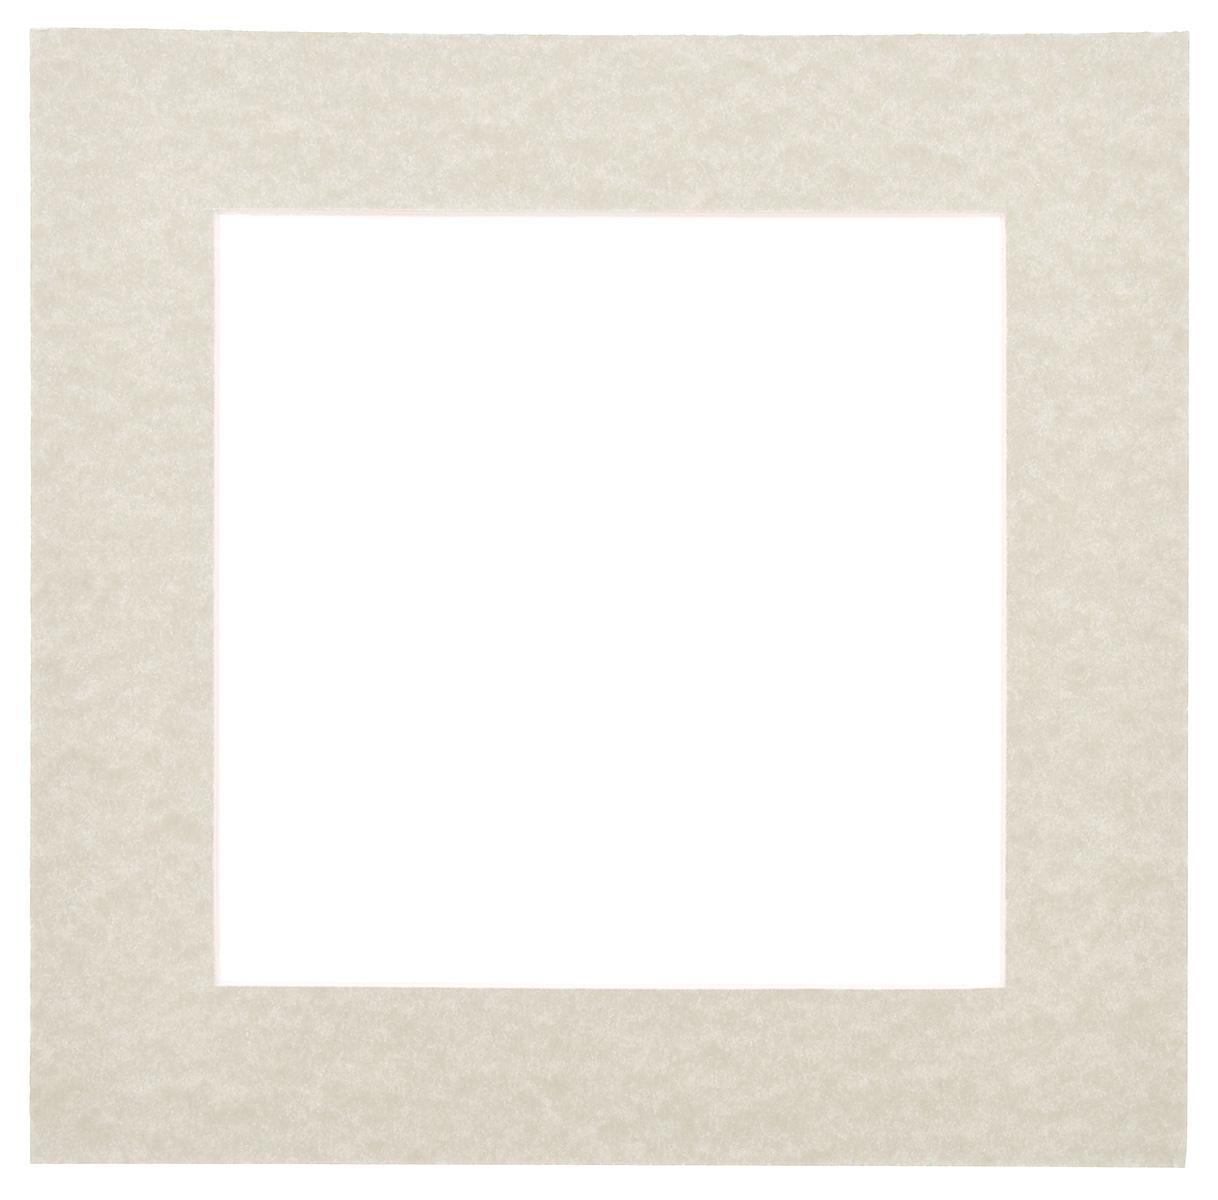 Паспарту Василиса, цвет: серо-зеленый, 17 см х 17 см580630Паспарту Василиса, изготовленное из плотного картона, предназначено для оформления художественных работ и фотографий. Он располагается между багетной рамой и изображением, делая акцент на фотографии, усиливая ее визуальное восприятие. Кроме того, на паспарту часто располагают поясняющие подписи, автограф изображенного. Внешний размер: 25 см х 25 см. Внутренний размер: 17 см х 17 см.